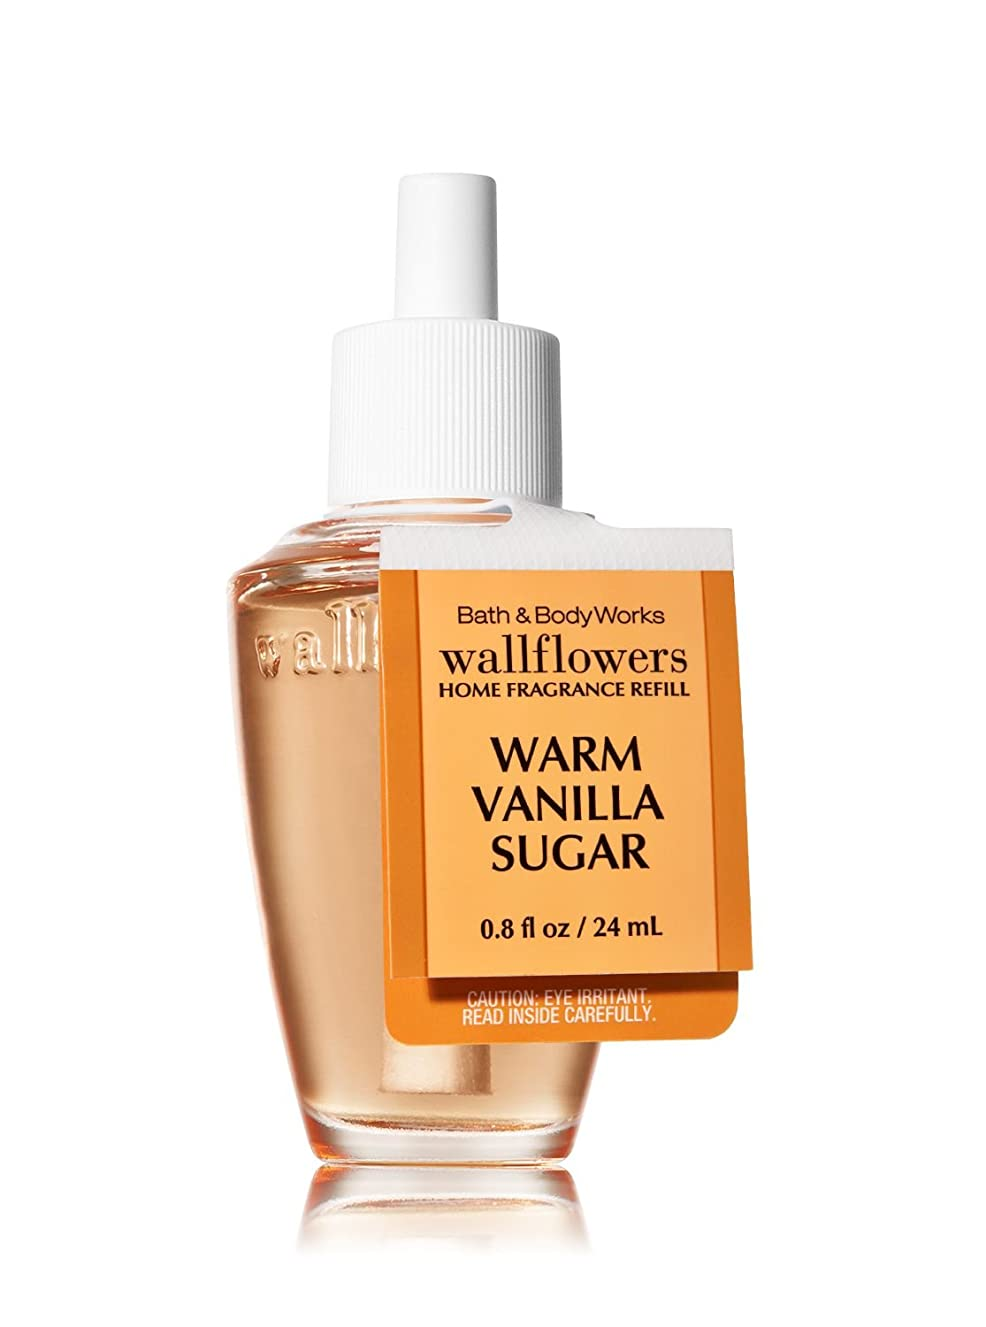 ゼロ見せますダンプ【Bath&Body Works/バス&ボディワークス】 ルームフレグランス 詰替えリフィル ウォームバニラシュガー Wallflowers Home Fragrance Refill Warm Vanilla Sugar [並行輸入品]